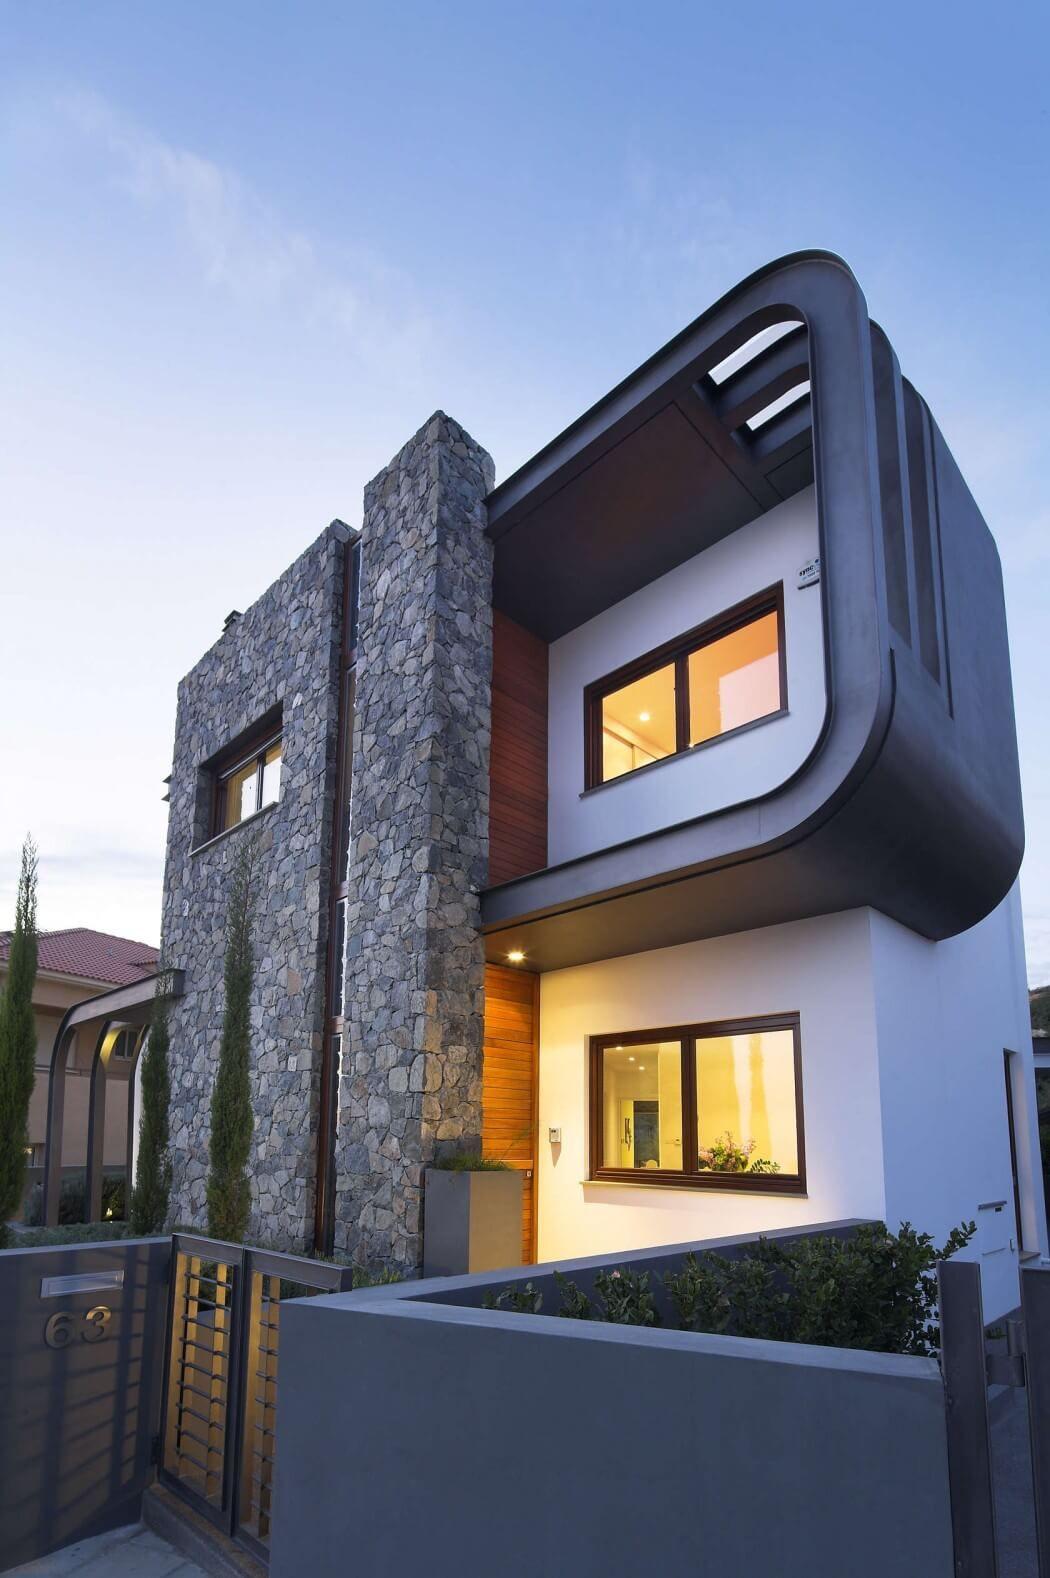 Dise o de casa moderna de dos plantas arquitectura for Casa moderna 7 mirote y blancana